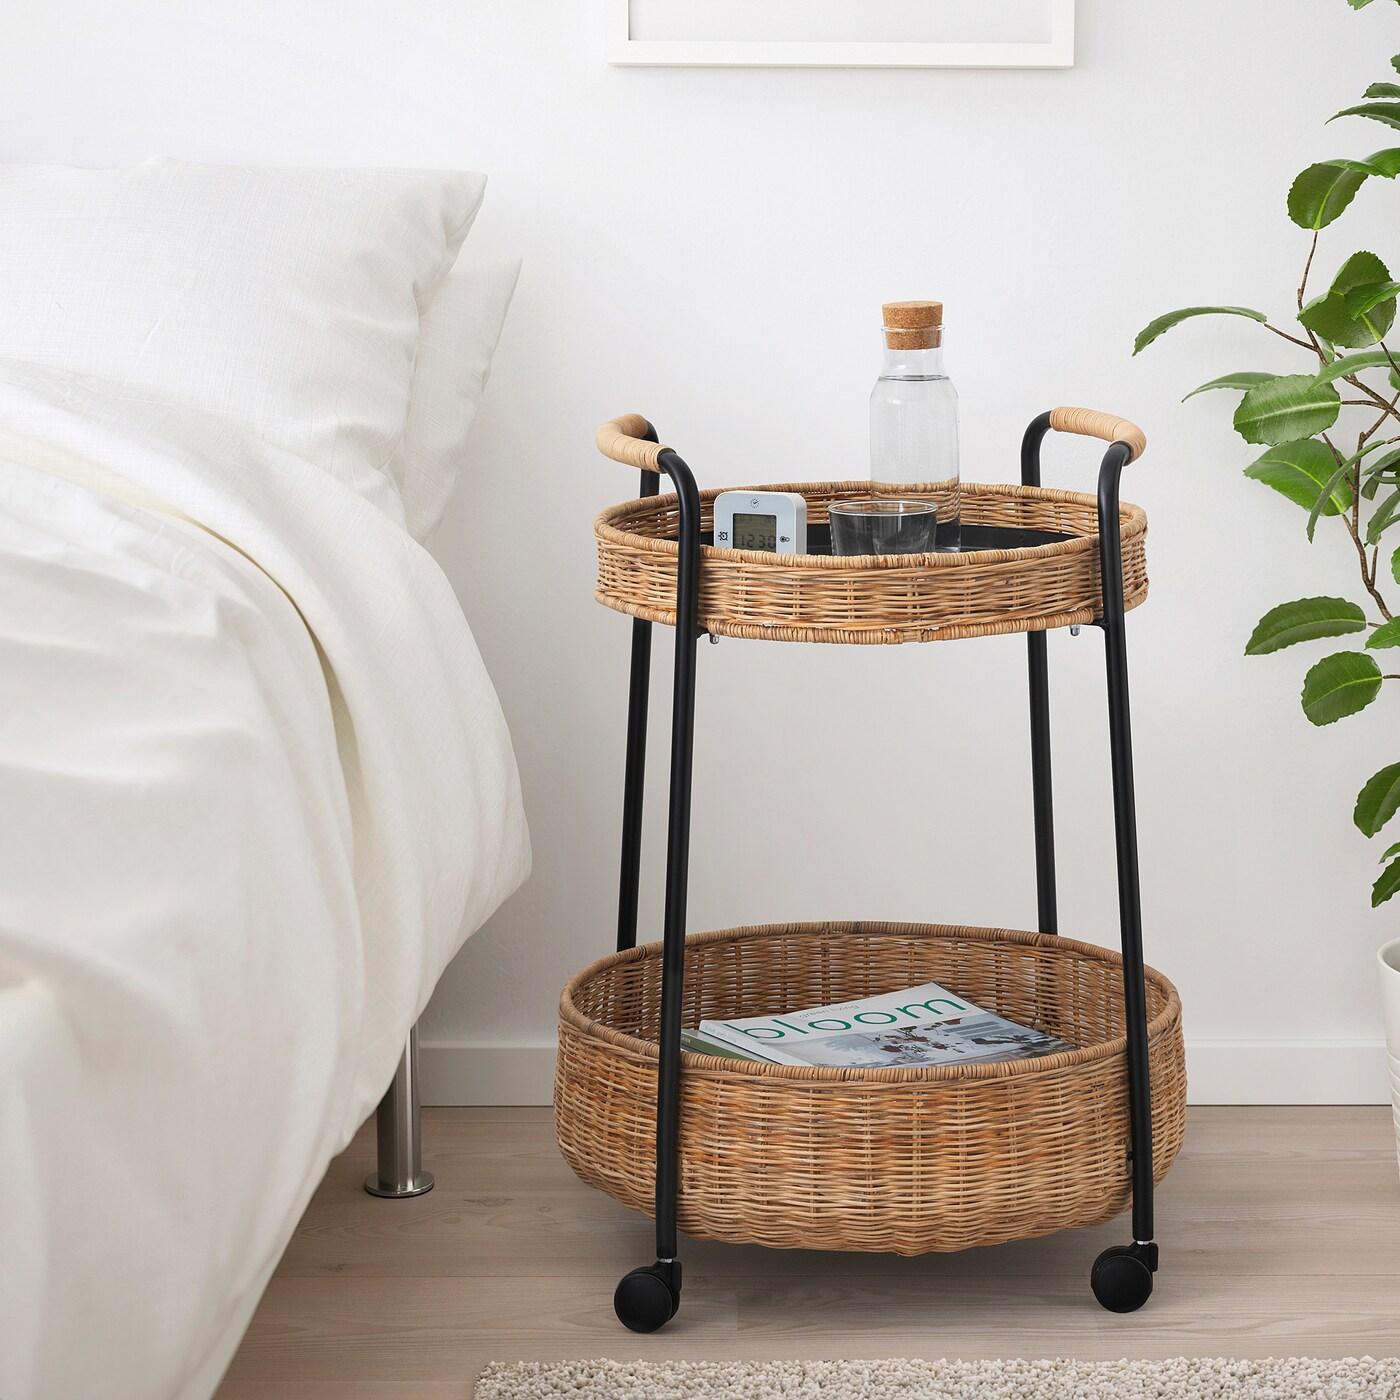 Full Size of Rattan Beistelltisch Ikea Lubban Rolltisch Mit Aufbewahrung Betten Bei Polyrattan Sofa Miniküche Küche Garten Kosten Schlaffunktion Modulküche Rattanmöbel Wohnzimmer Rattan Beistelltisch Ikea